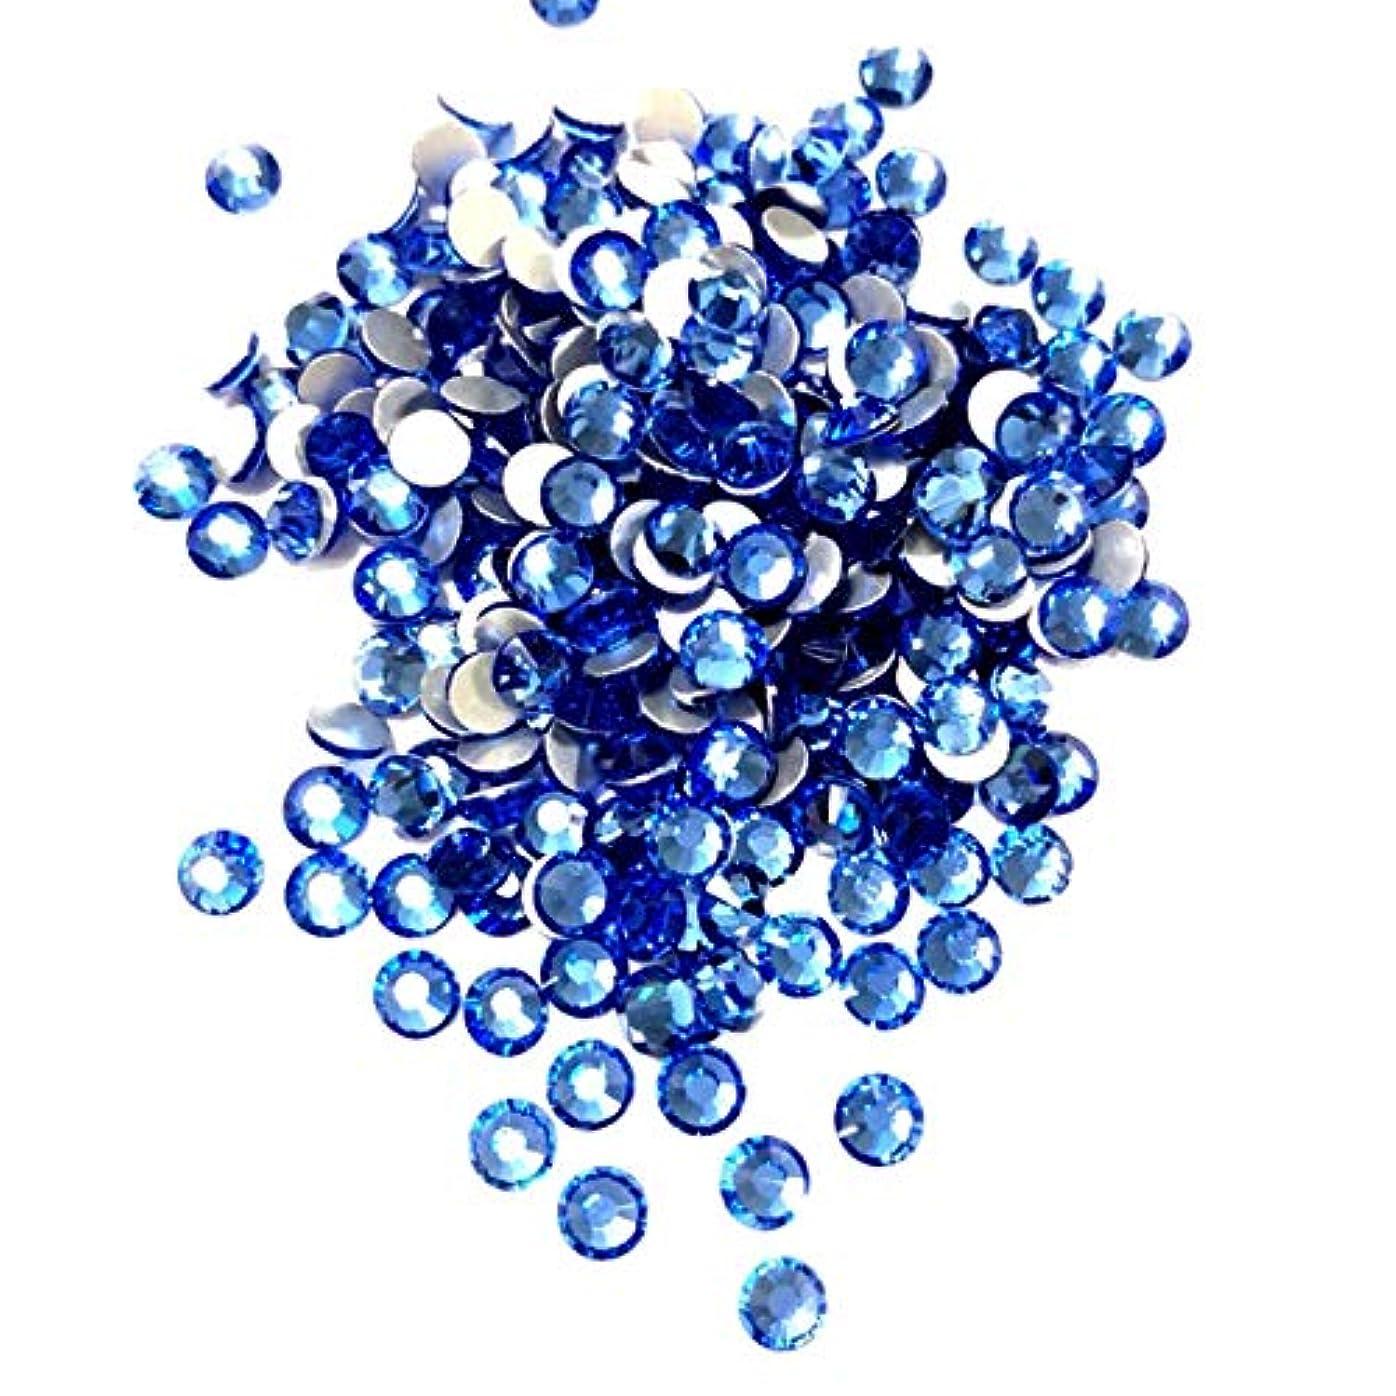 溢れんばかりのささいなバスタブ【ネイルウーマン】最高品質ガラスストーン!スワロ同等の輝き! ライトサファイア ブルー 水色 (約100粒入り) (ライトサファイア) (SS8, ライトサファイア)